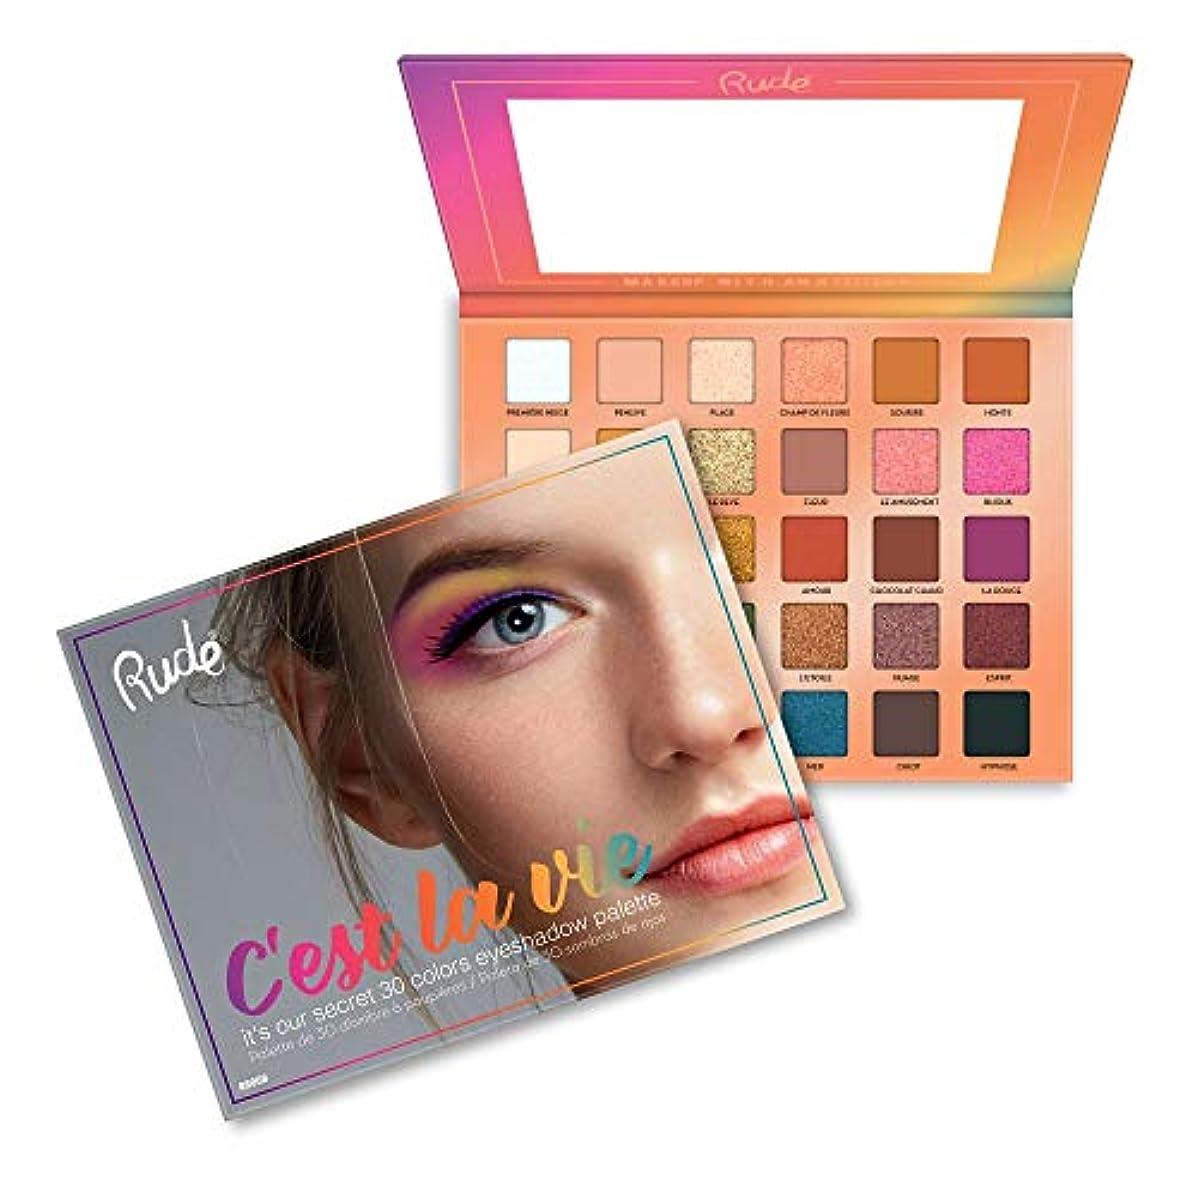 退屈オーチャード謝る(3 Pack) RUDE? C'est La Vie - 30 Eyeshadow Palette (並行輸入品)